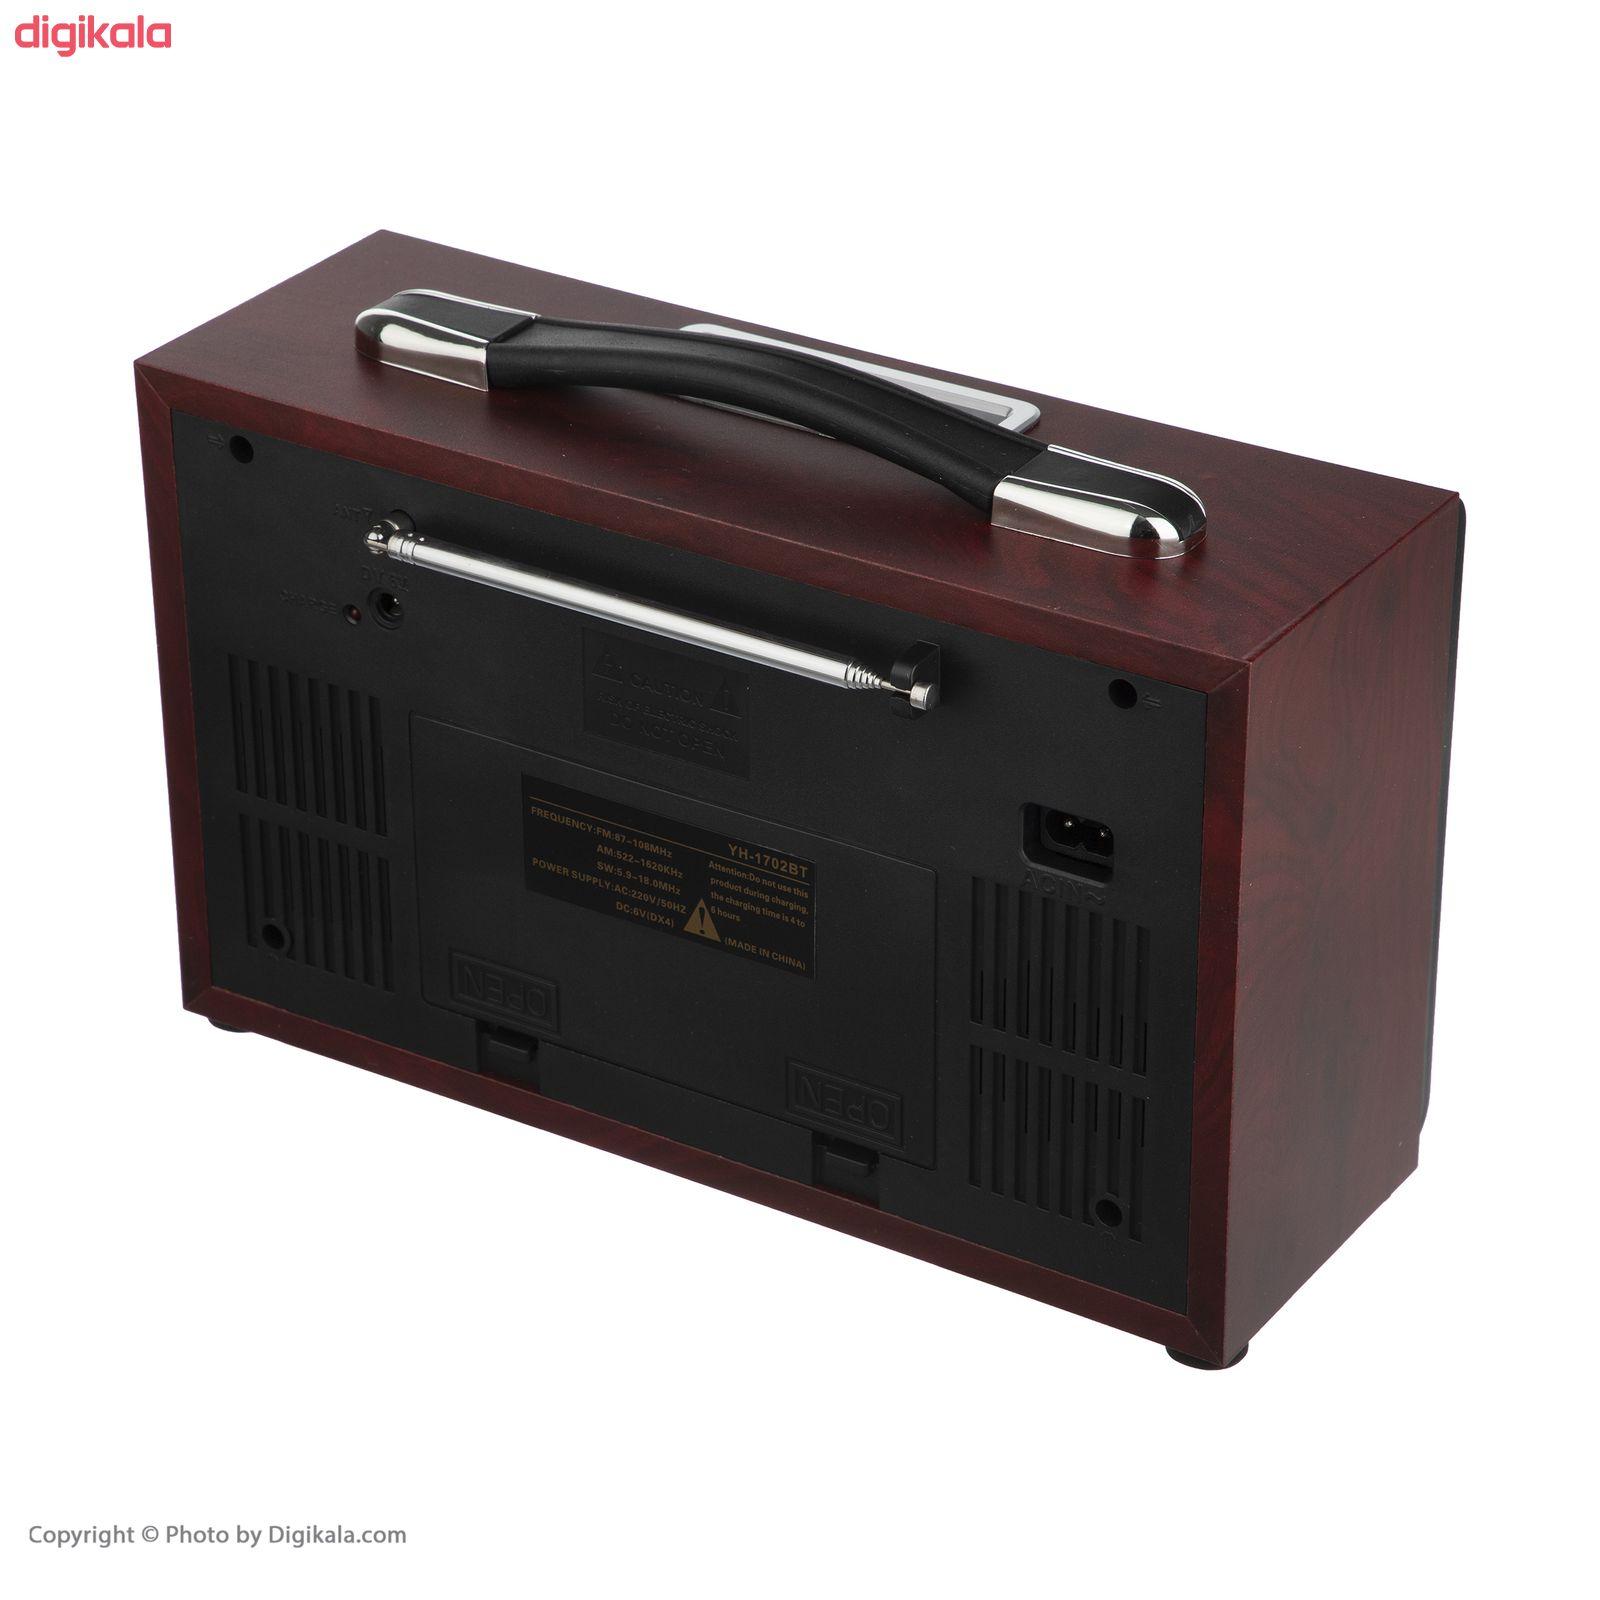 رادیو اسپیکر کمای مدل MD-1702BT main 1 4